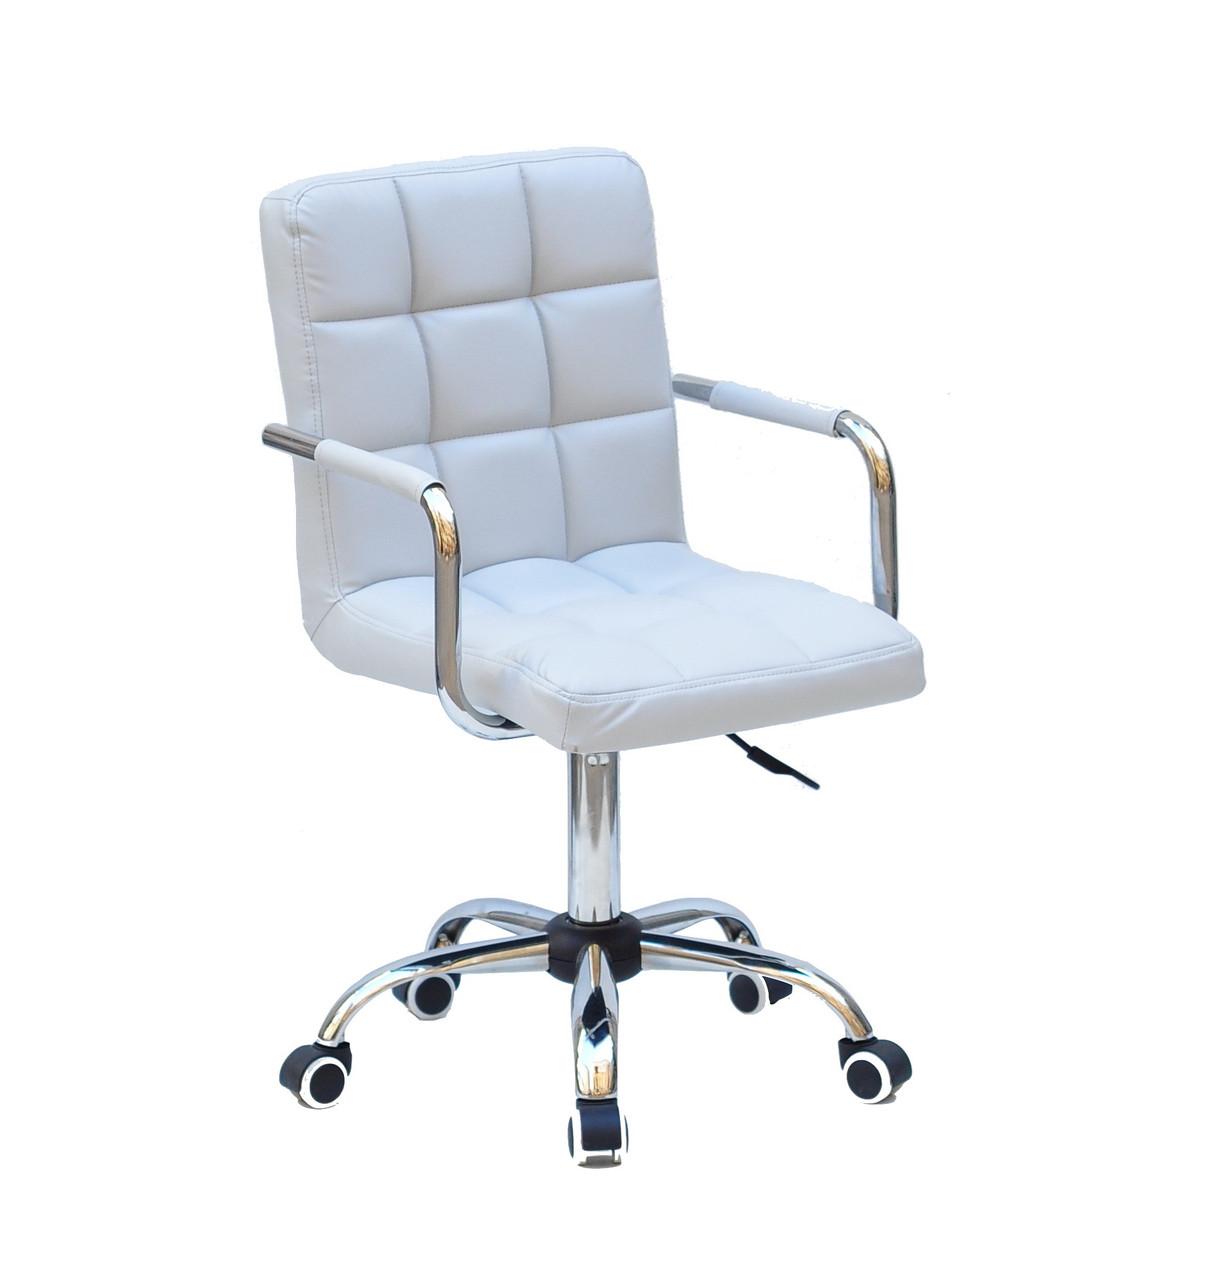 Кресло офисное  на колесах  AUGUSTO-ARM  CH-OFFICE  эко кожа  , СЕРЫЙ 1008